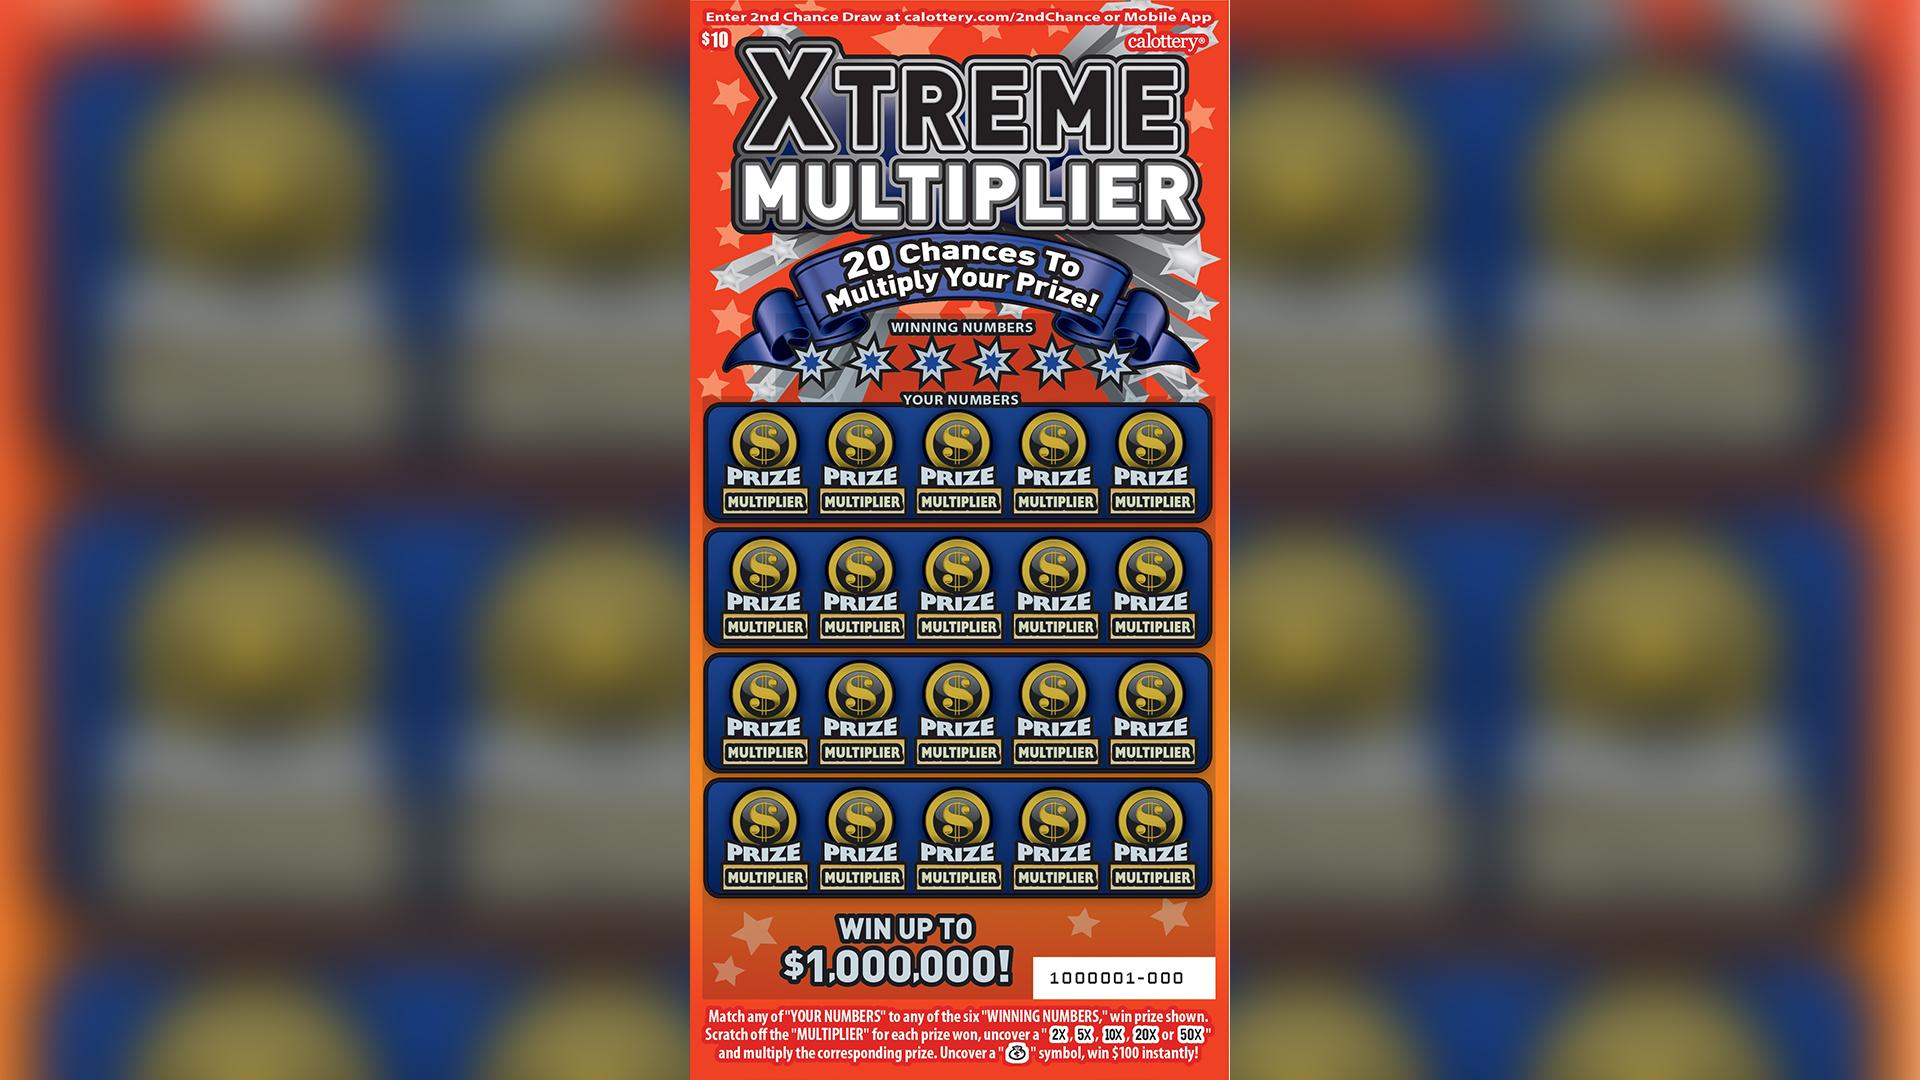 Xtreme Multiplier 1_1558550991450.jpg.jpg